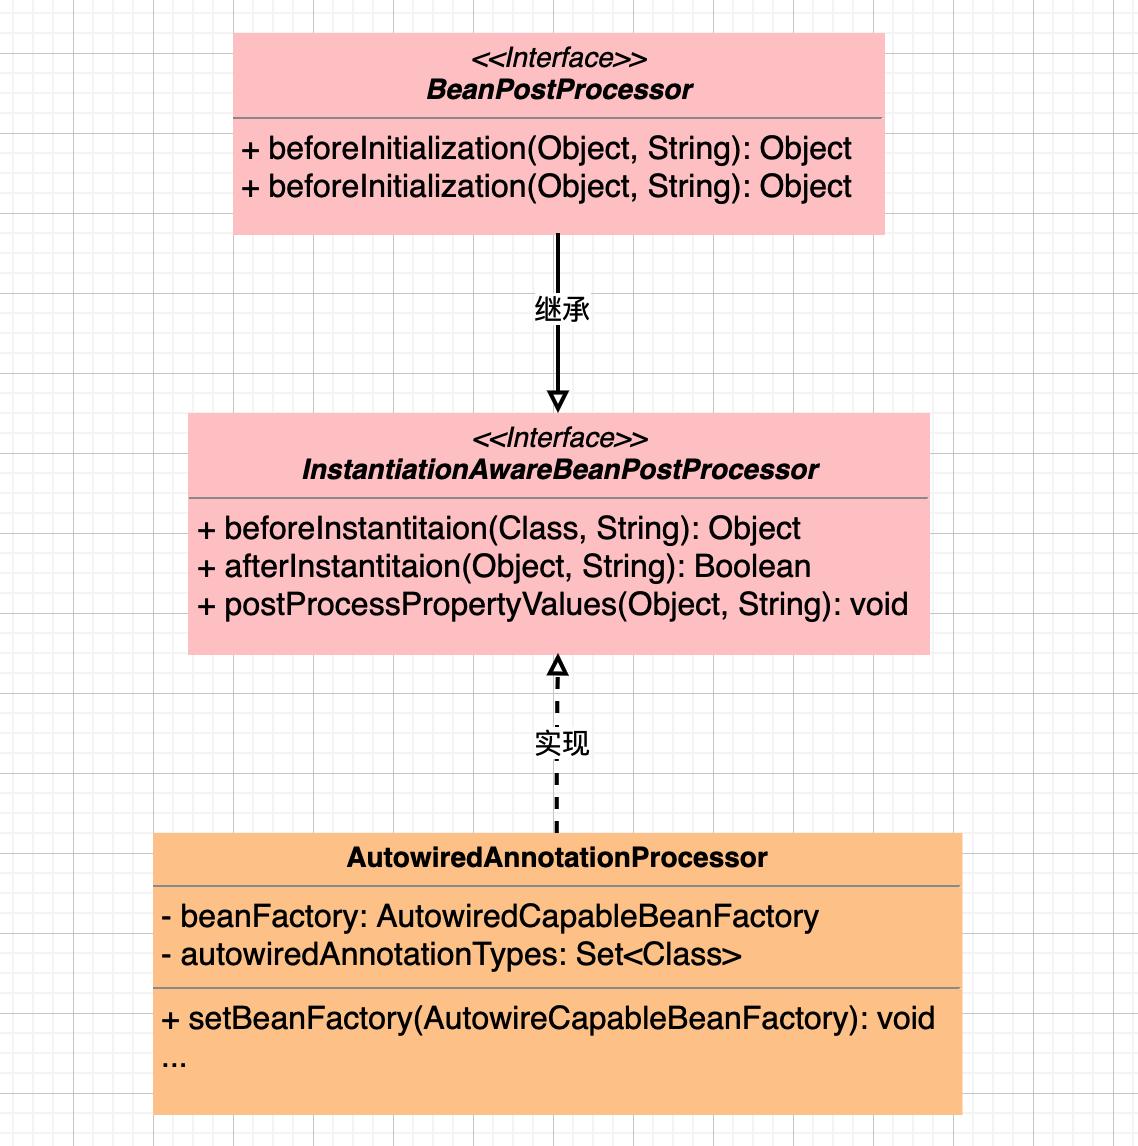 AutowriedAnnotationProcessor.png